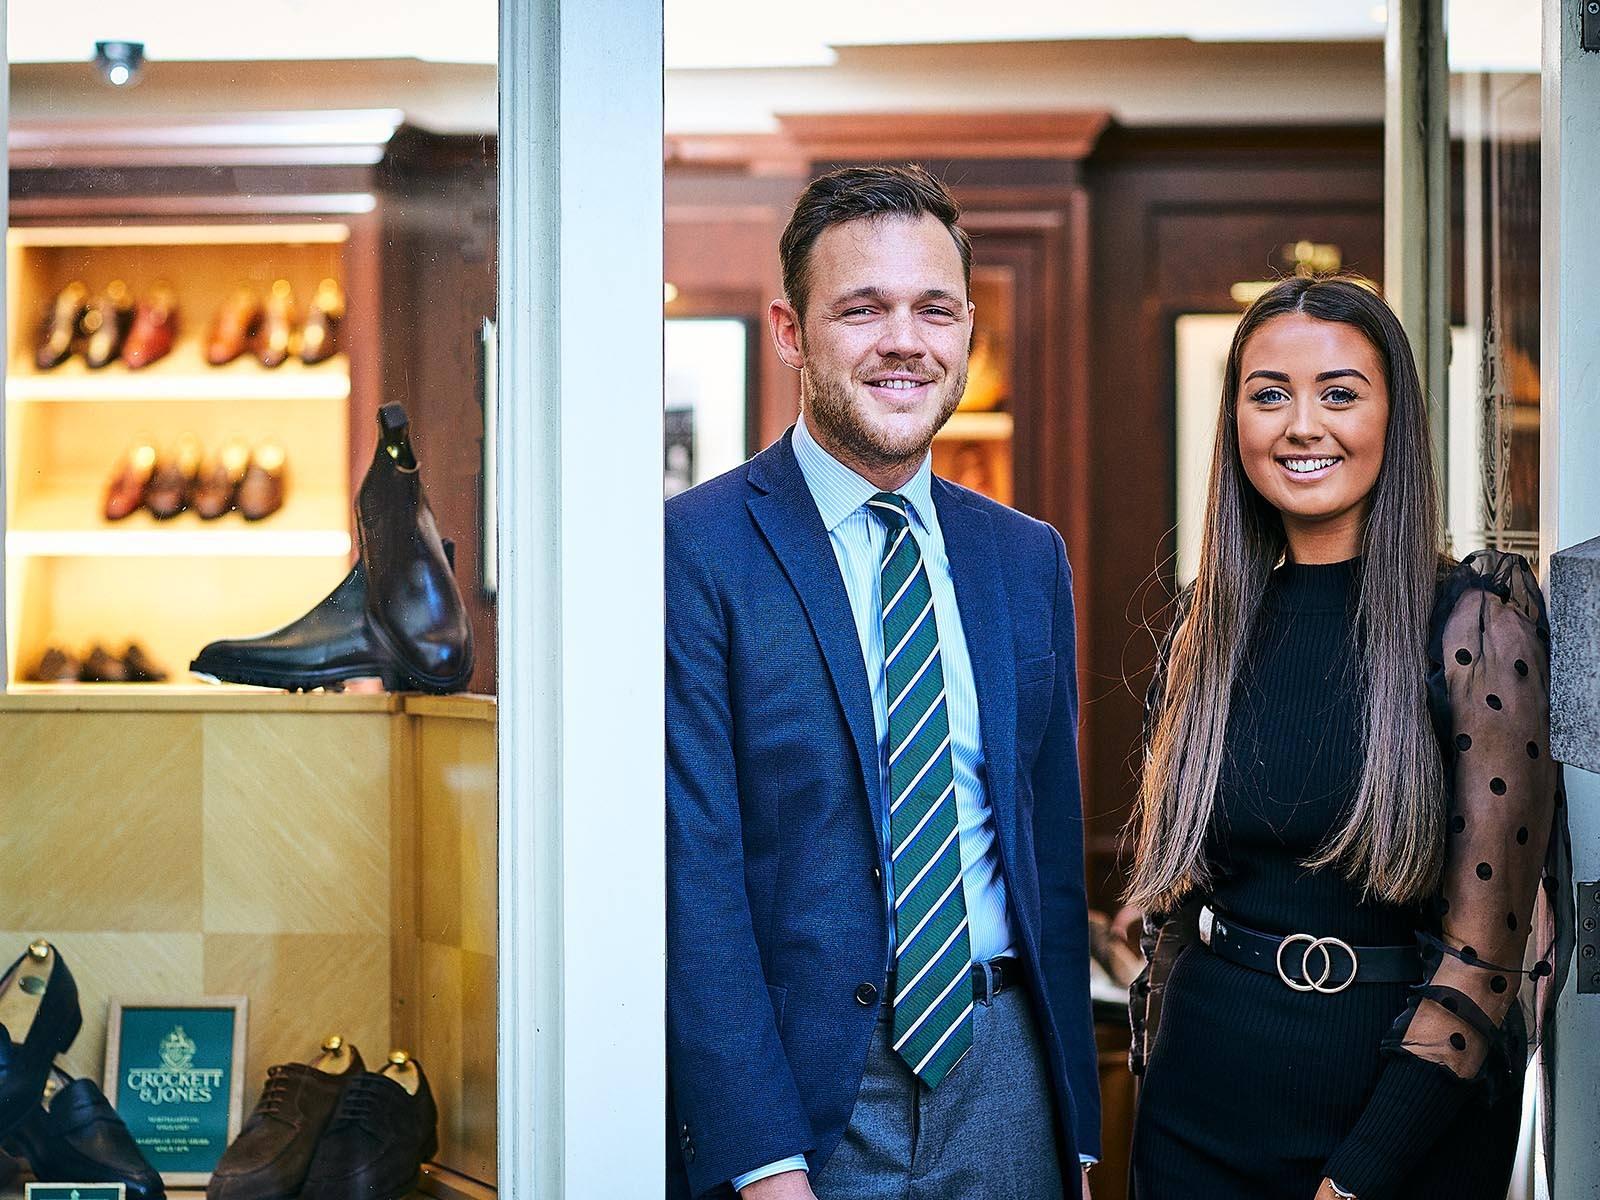 Royal Exchange Crockett & Jones